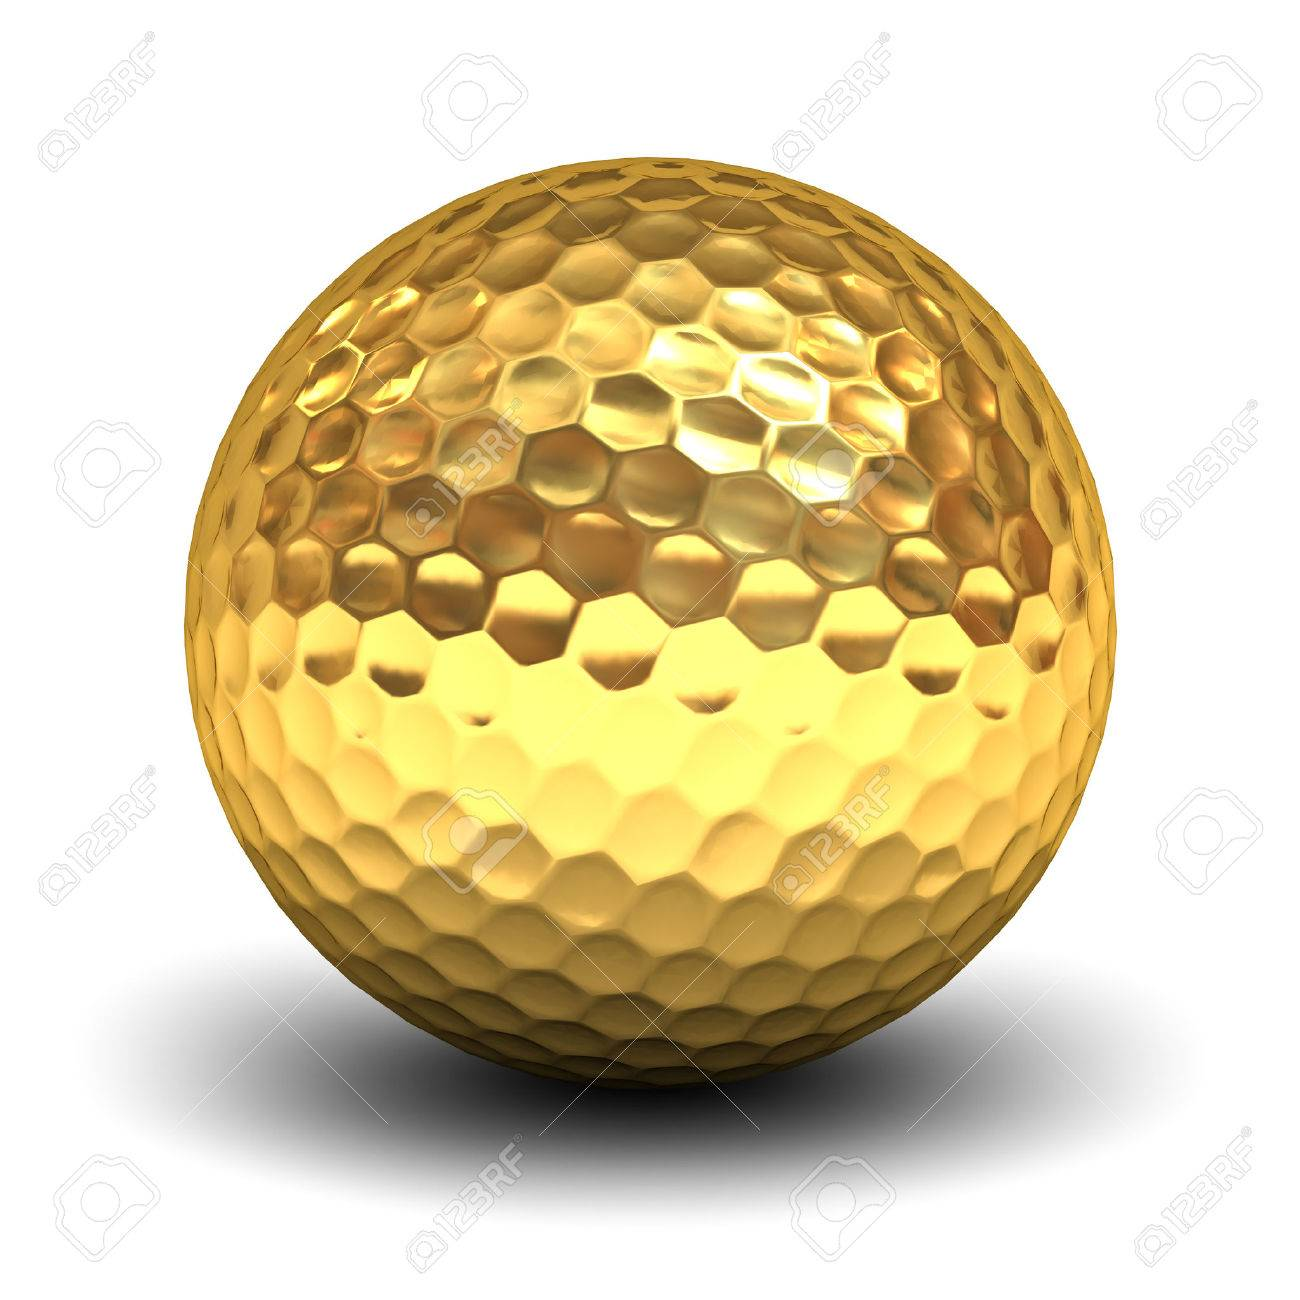 Or balle de golf isolé sur fond blanc avec la réflexion et de l'ombre. rendu 3D. Banque d'images - 57989207